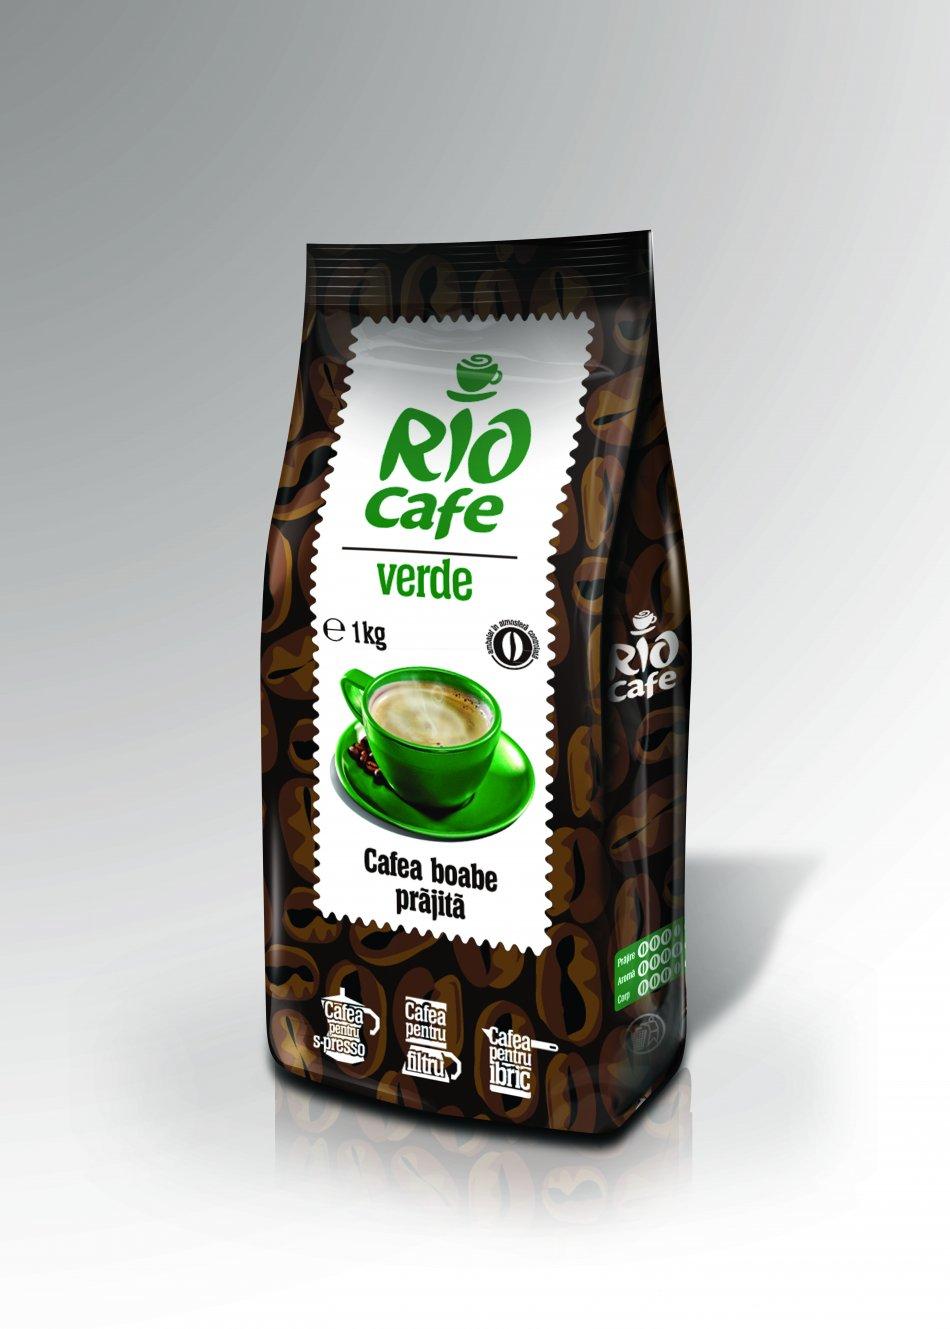 RIO Cafe verde 1Kg.